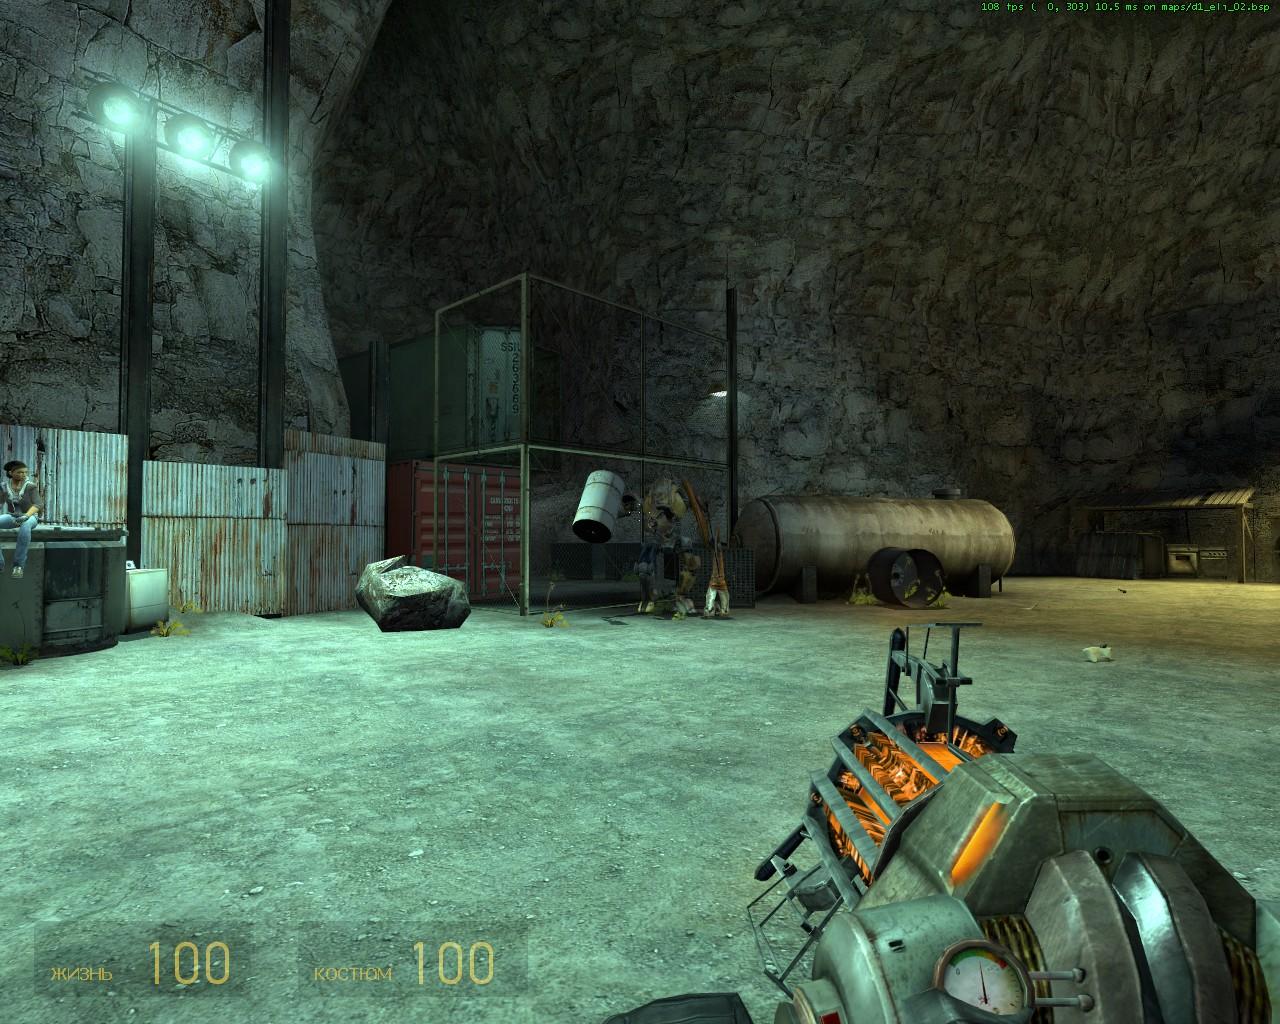 d1_eli_020006.jpg - Half-Life 2